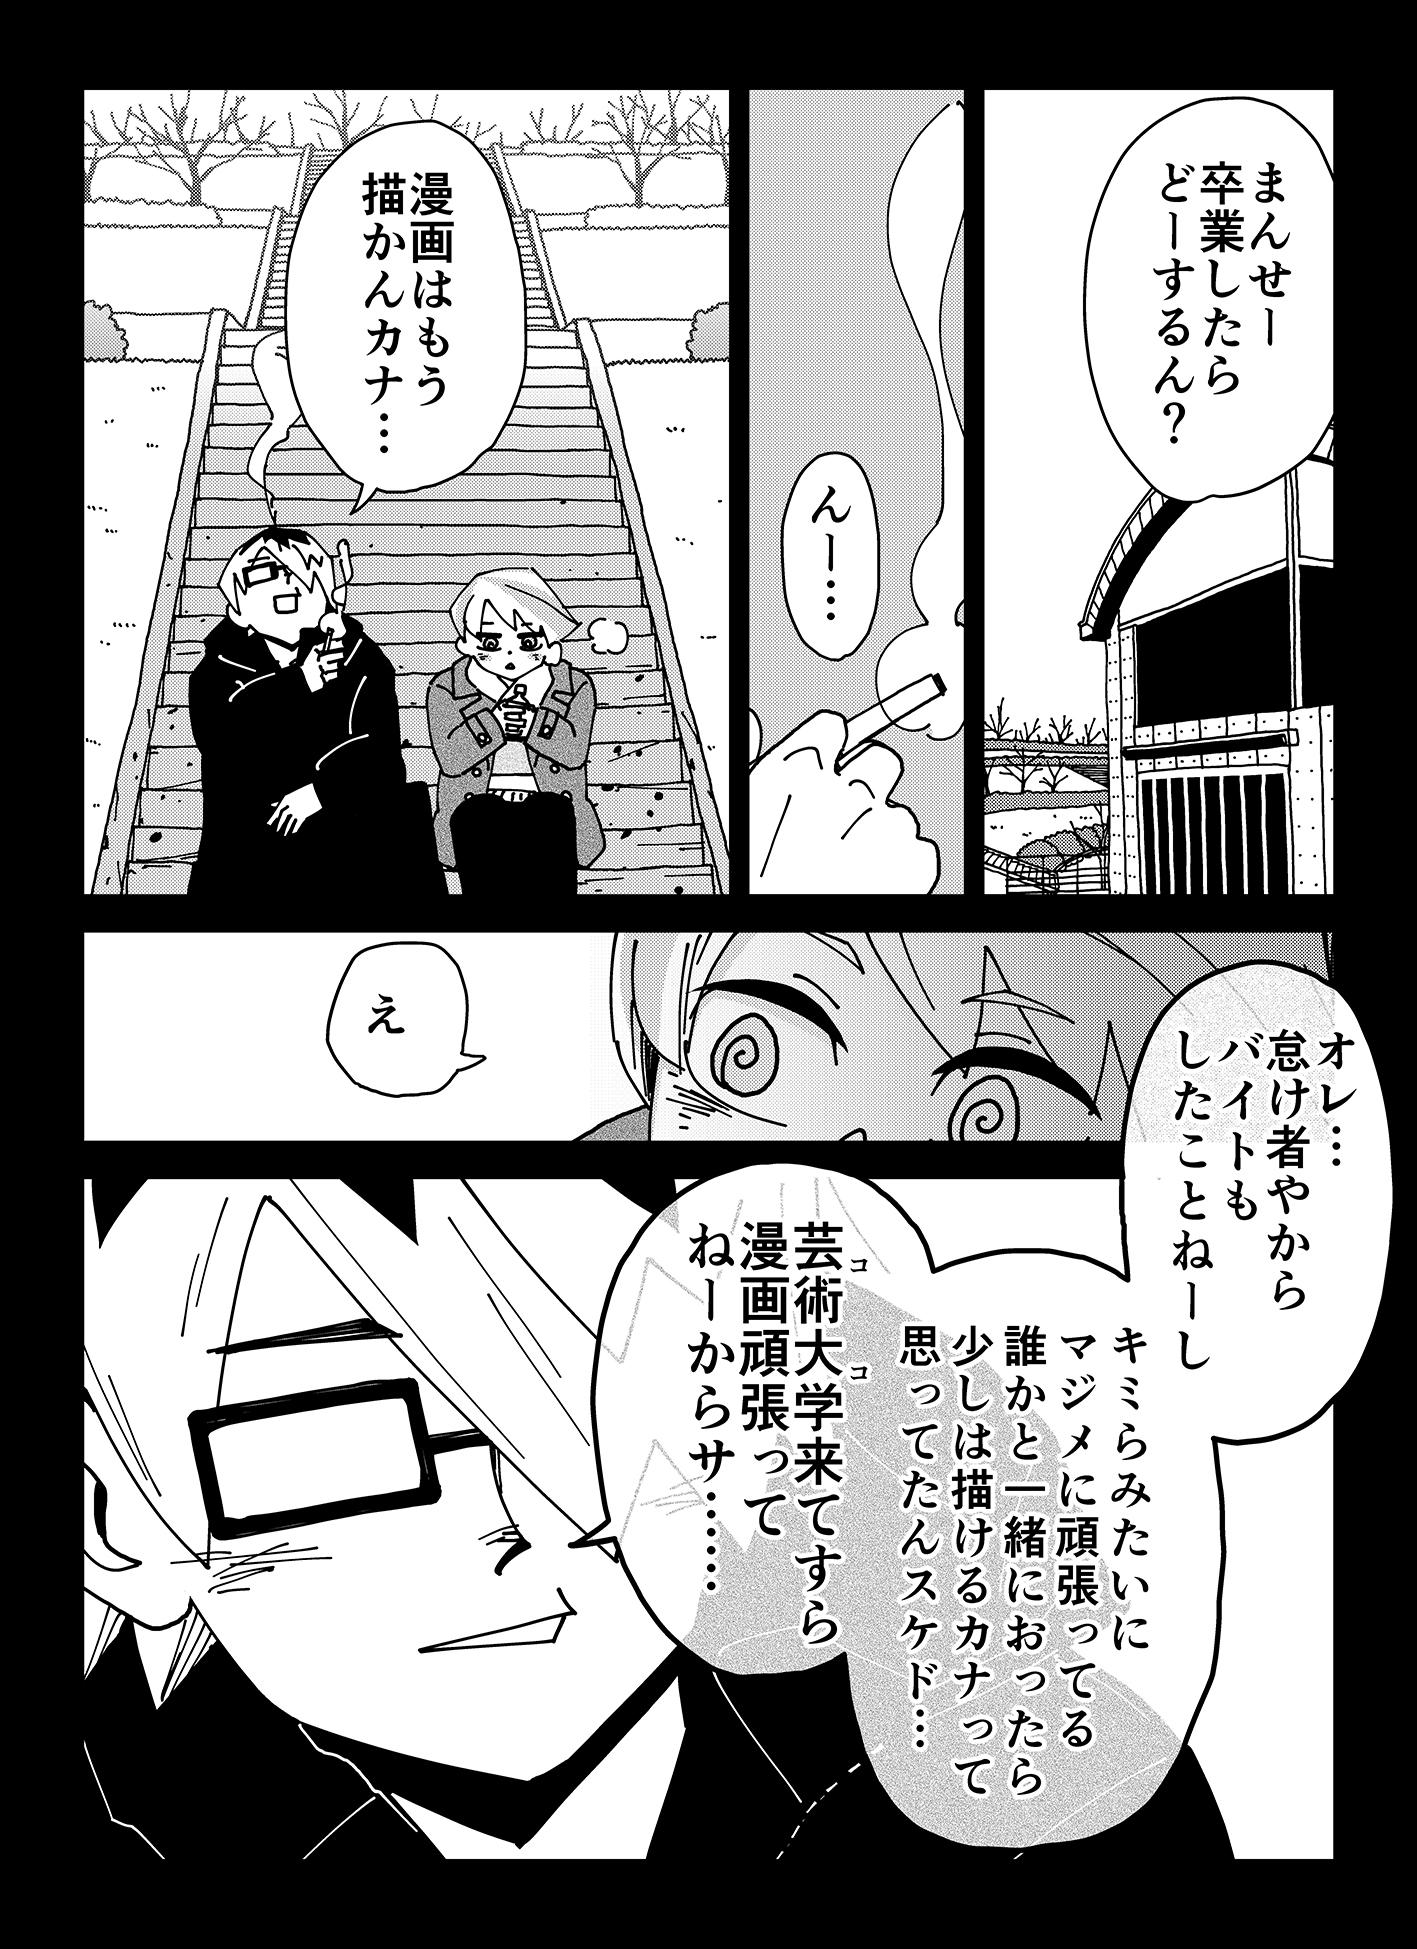 share10_003